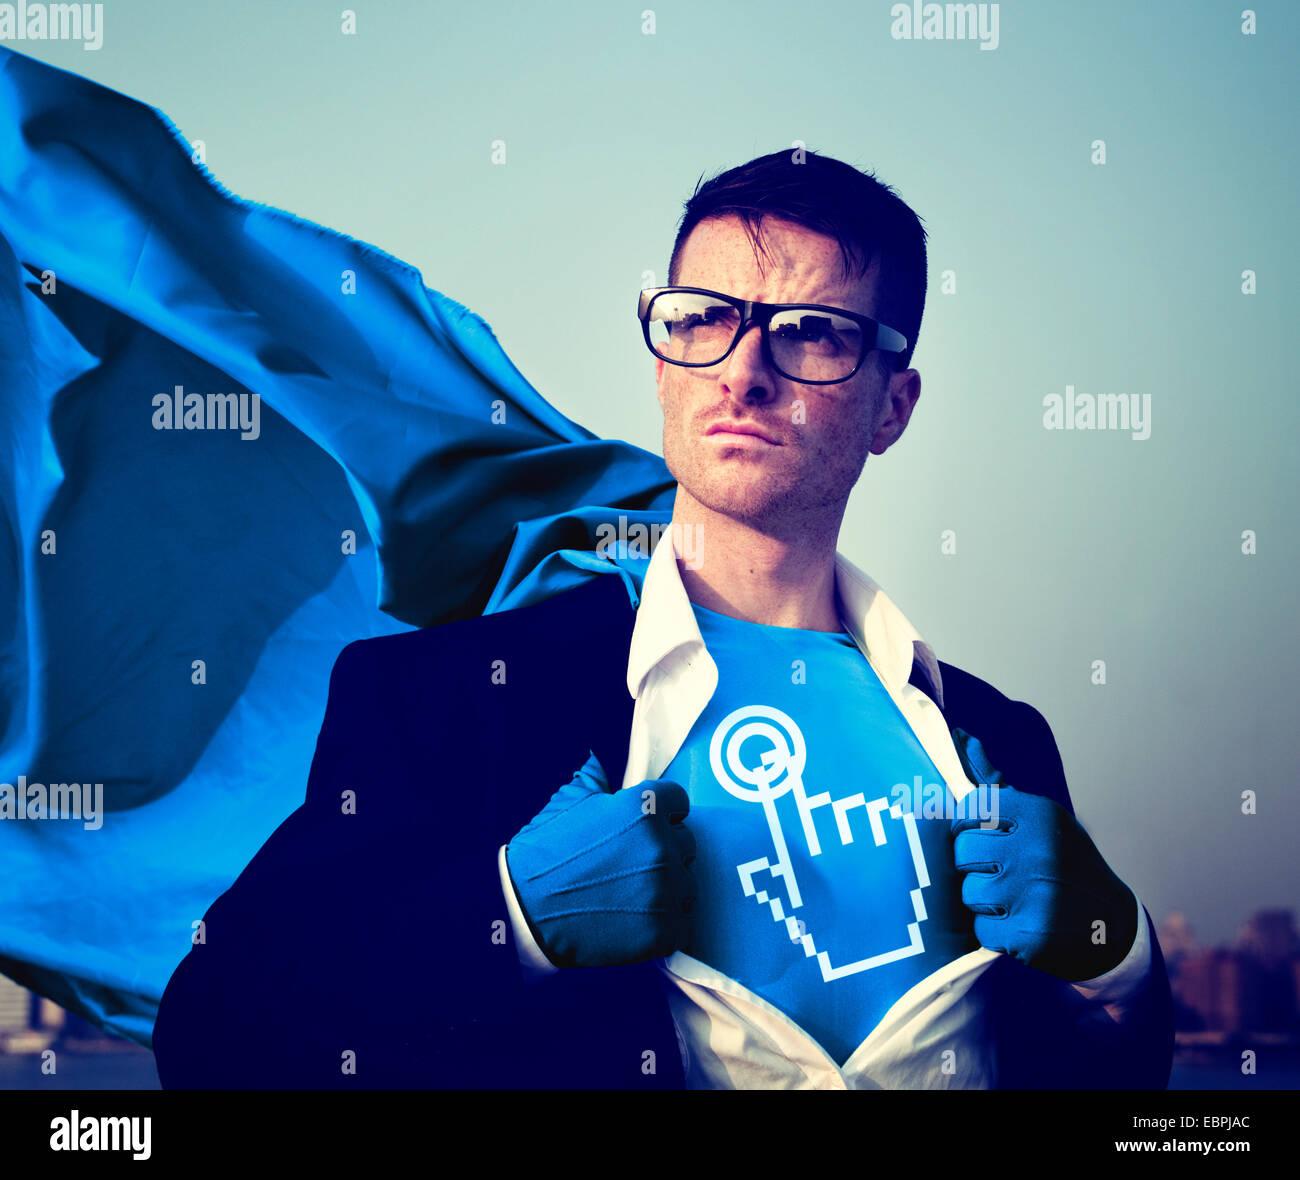 Inicio Fuerte éxito superhéroe potenciación profesional concepto de stock Imagen De Stock